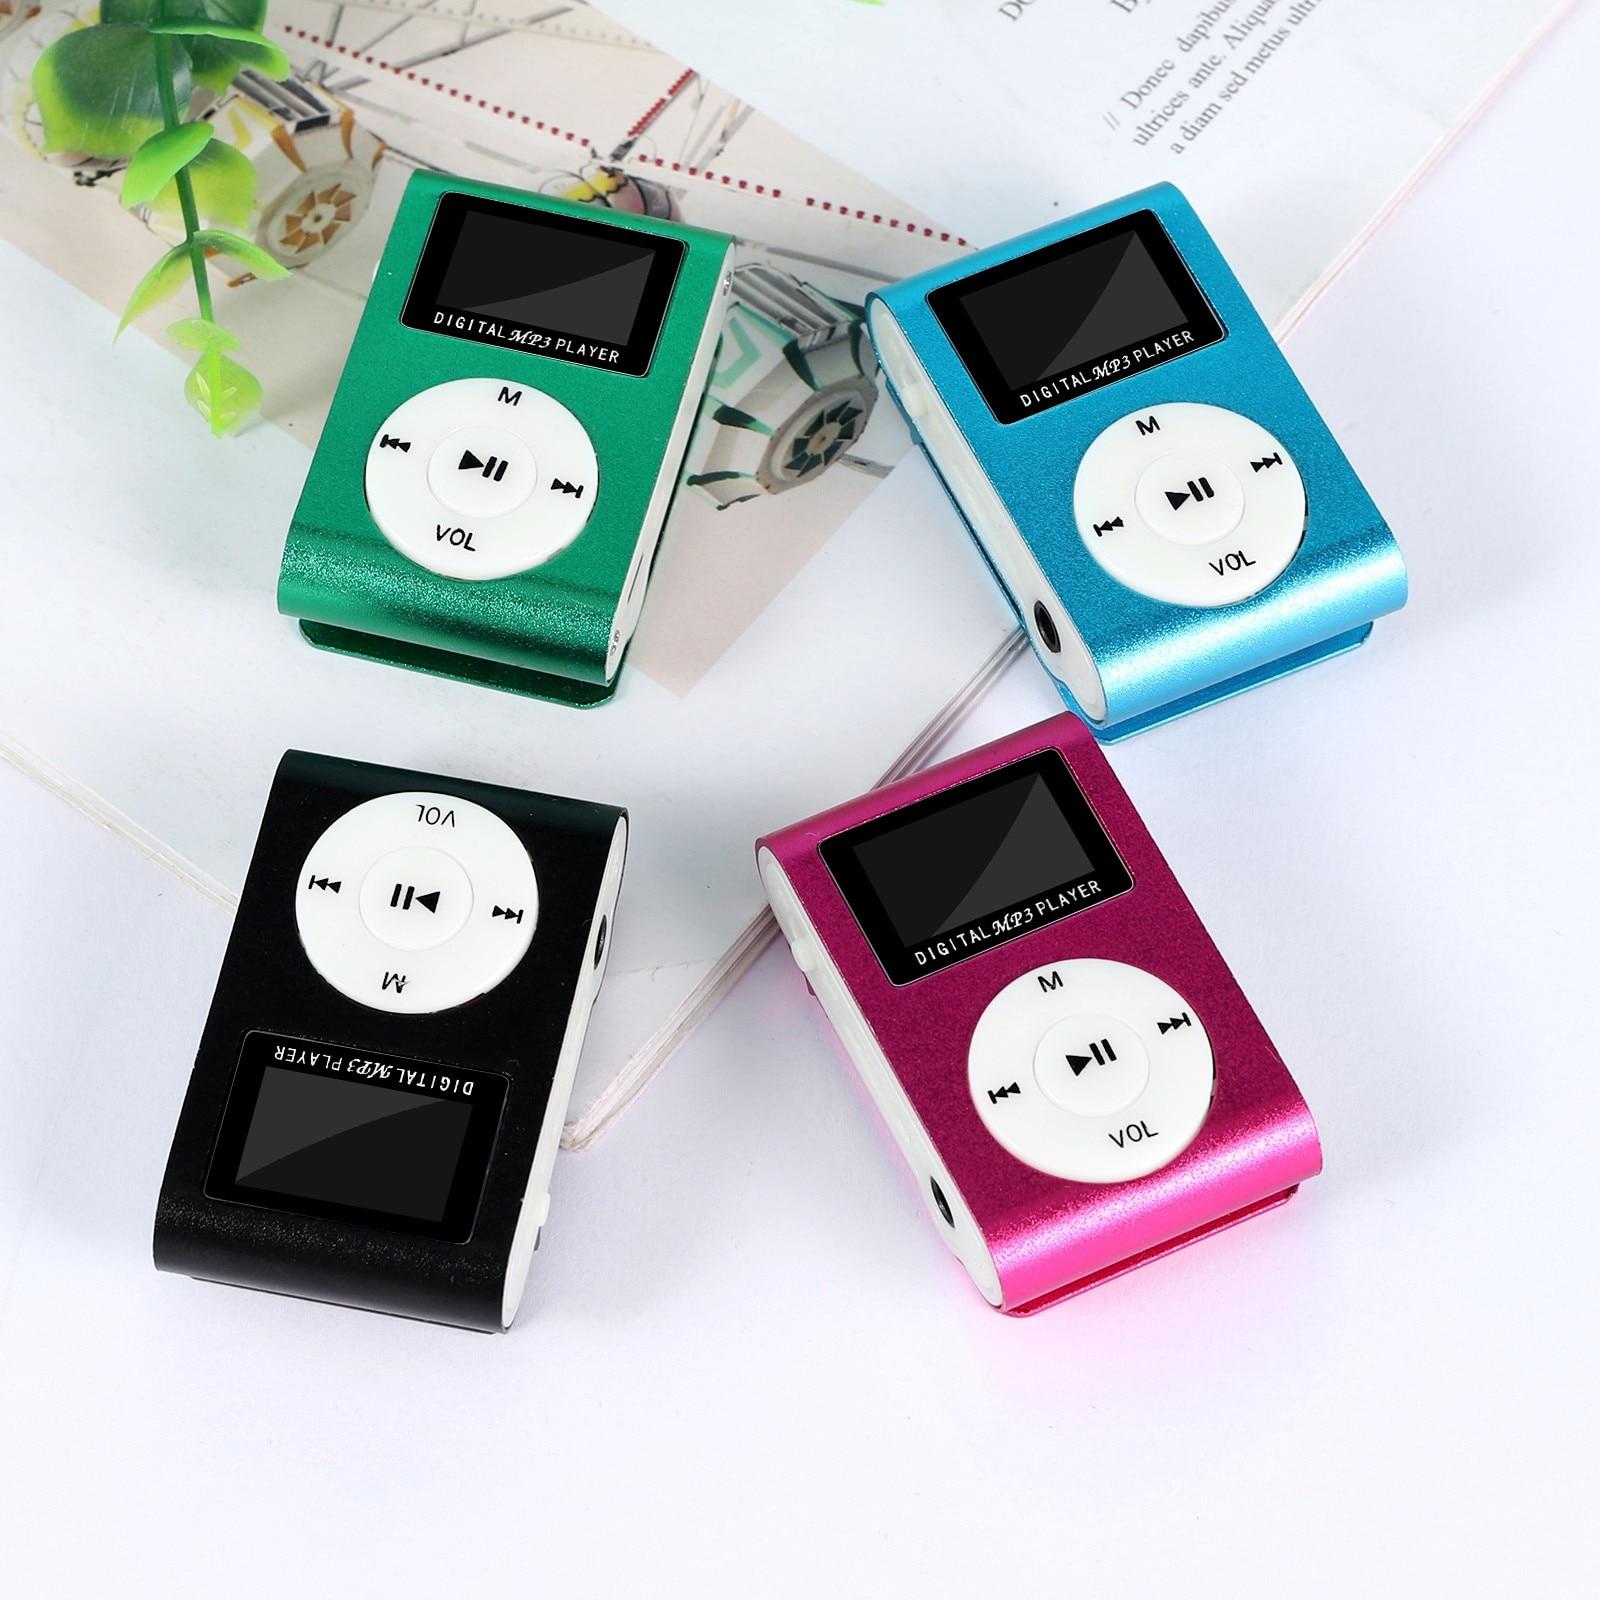 Mini MP3 player Portable Clip MP3 Music Player Support 32GB Micro SD TF Card LCD screen Fashion Spor